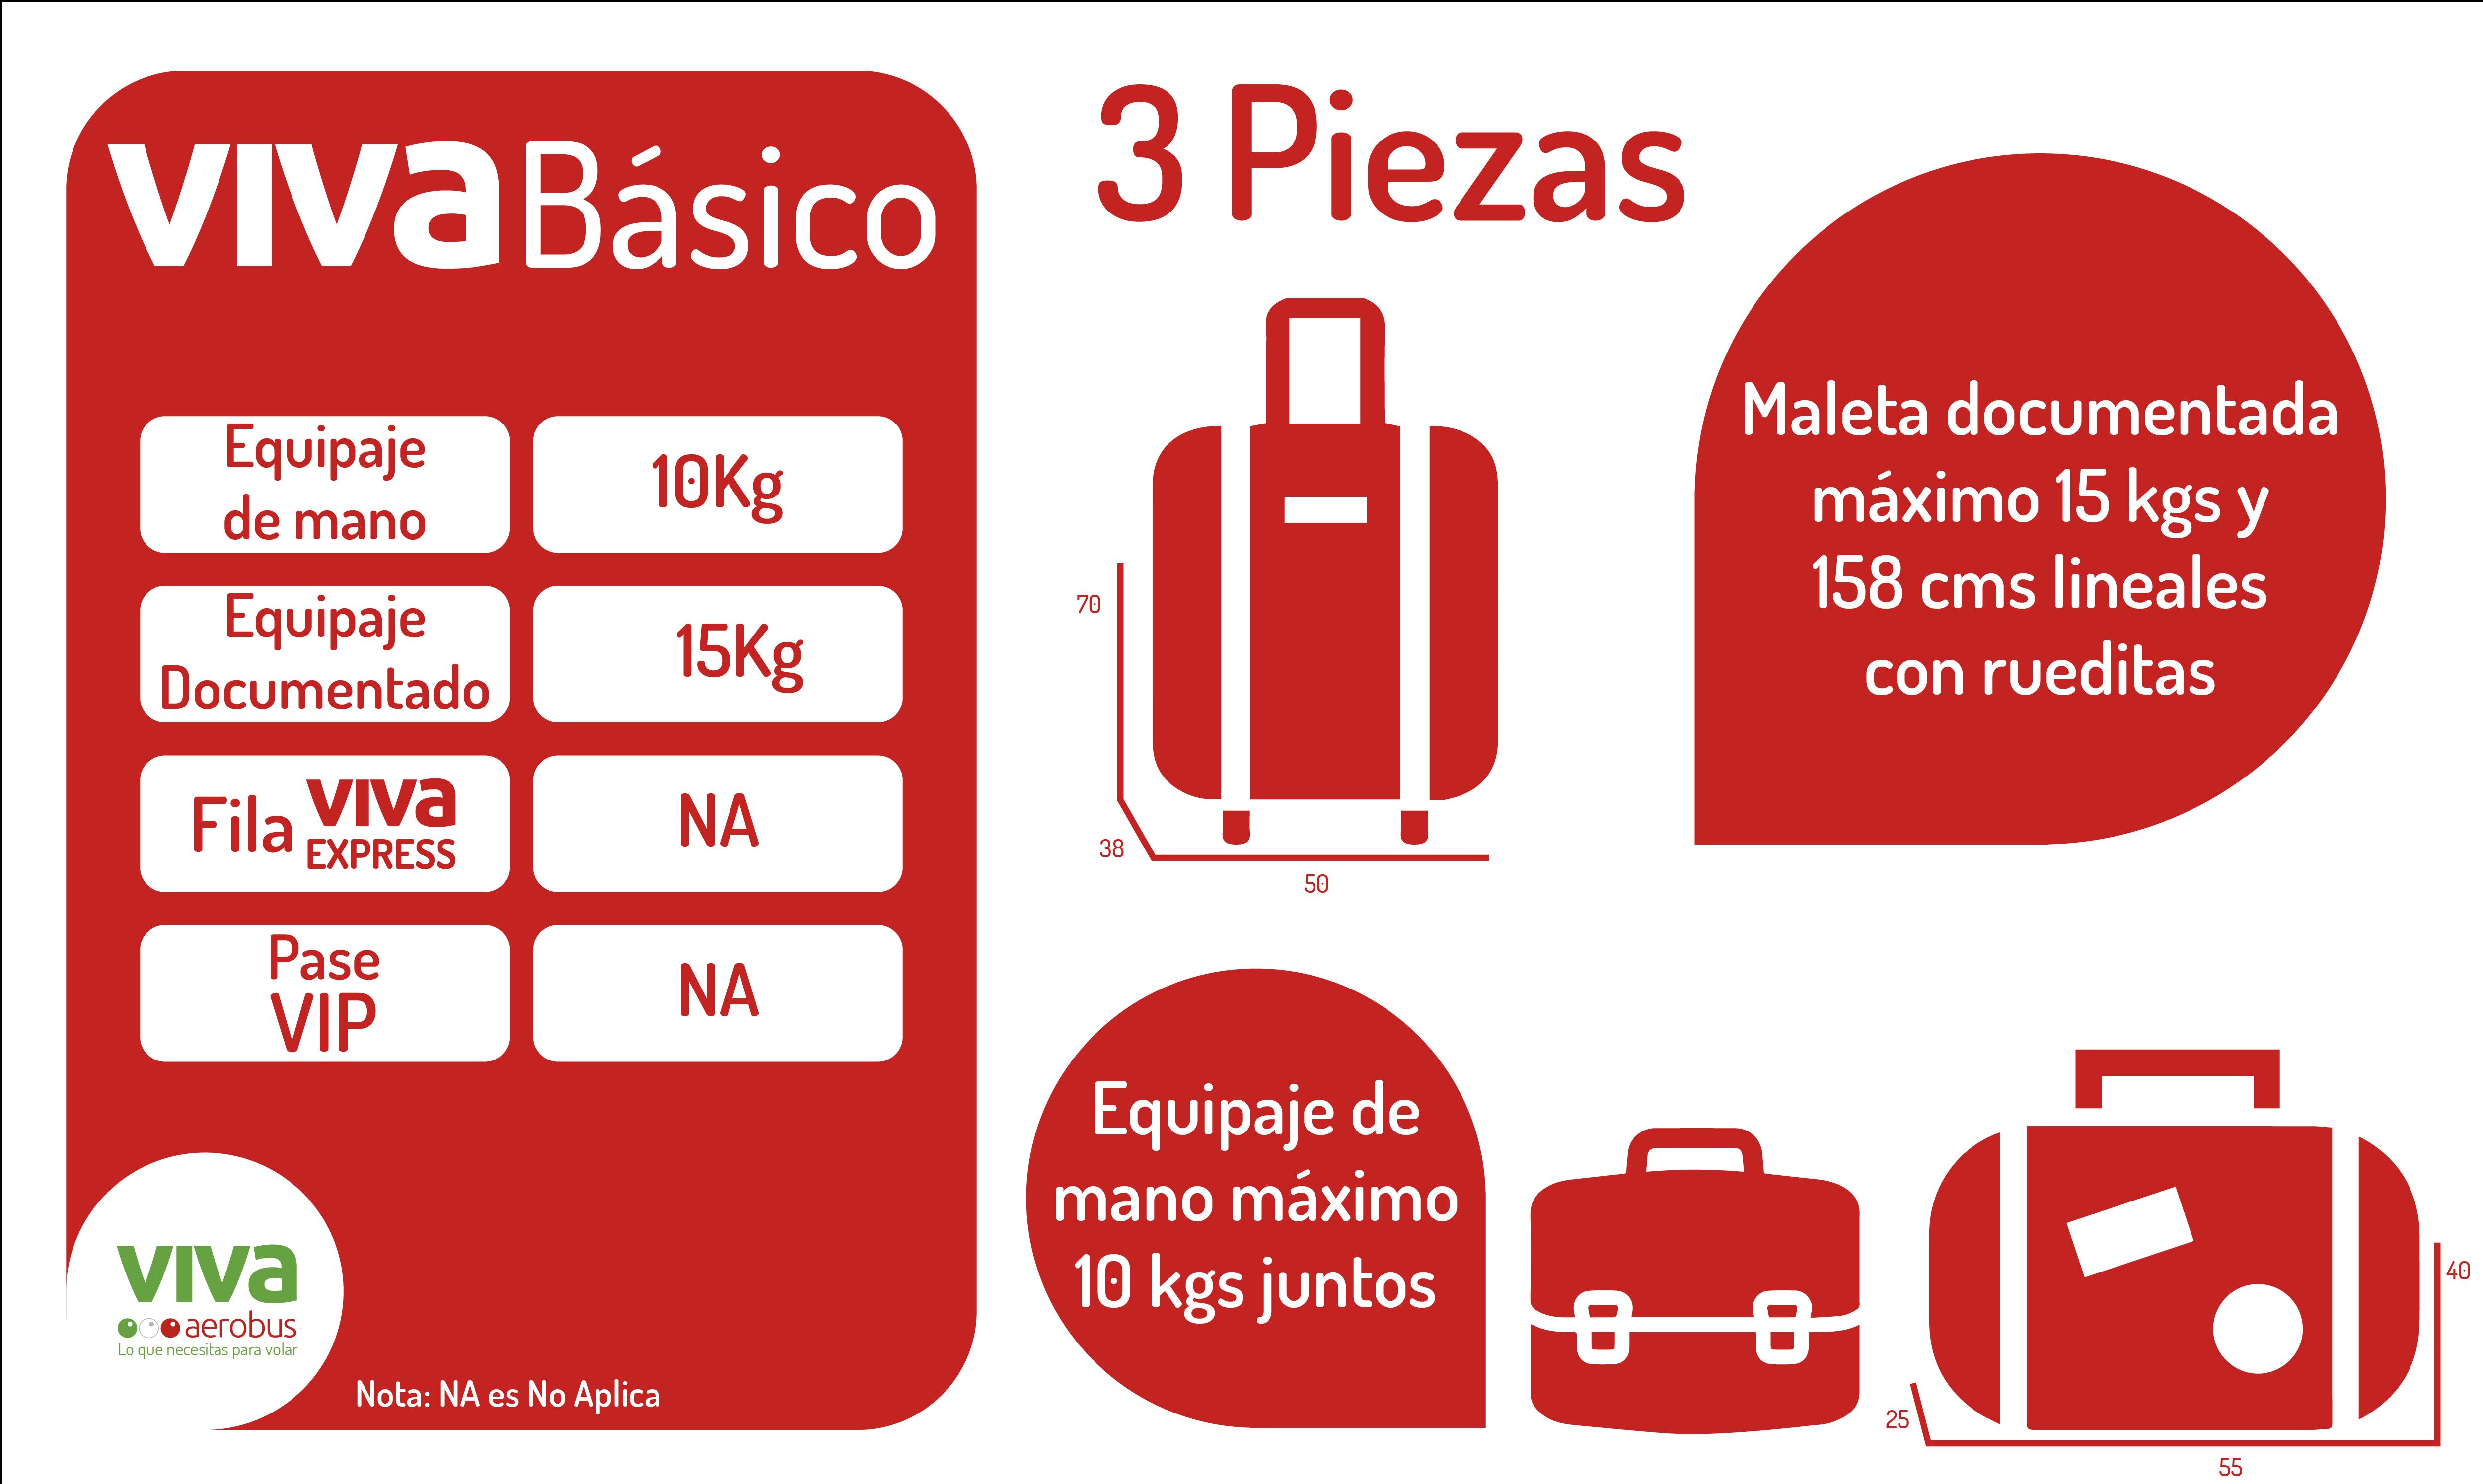 34ce399d0 Los pasajeros también podrán documentar una maleta de hasta 15 kilogramos y  158 centímetros lineales.